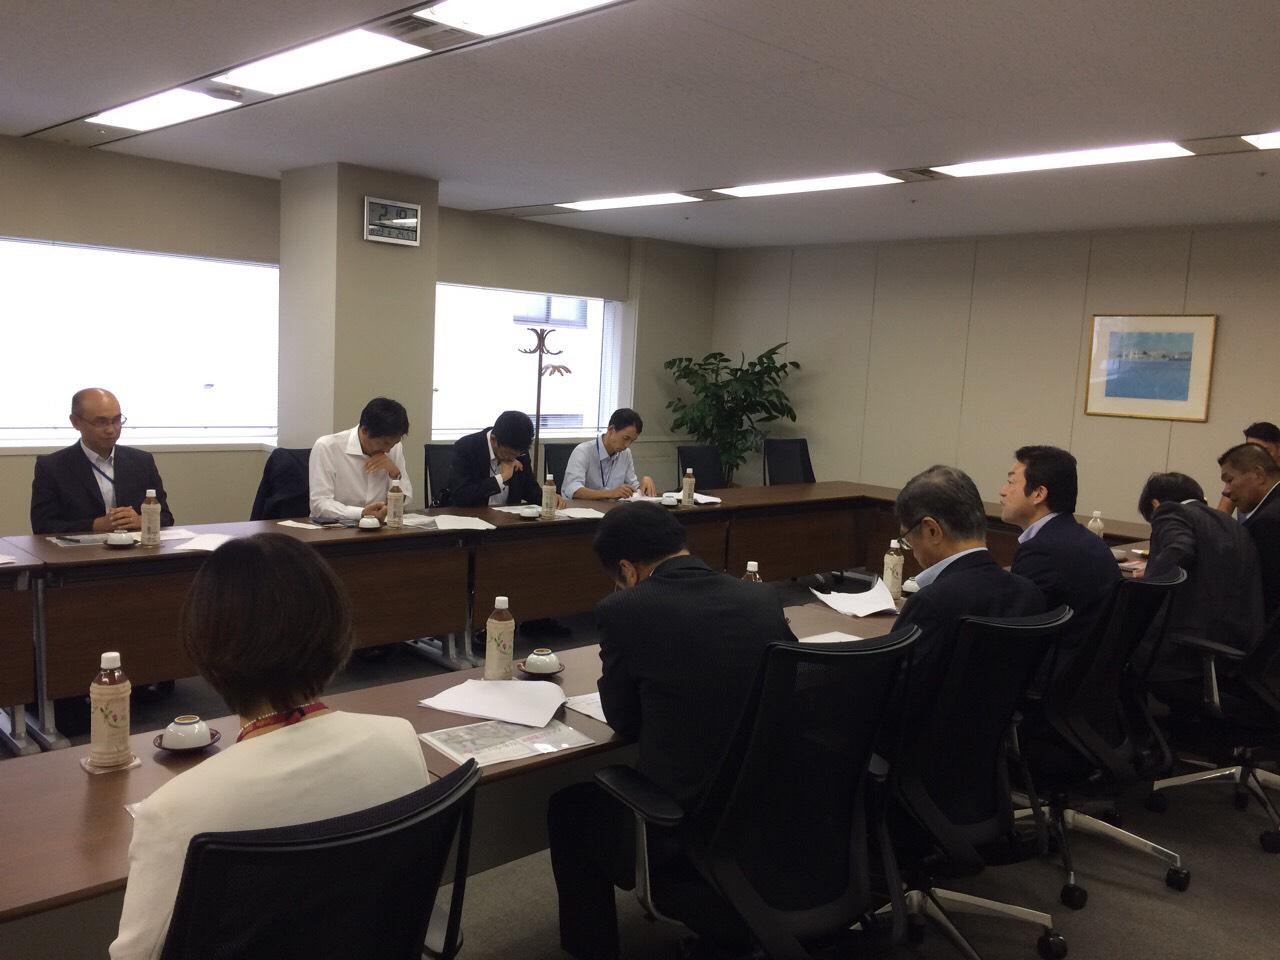 鈴木大地スポーツ庁長官がママスクエア両国店を視察されました